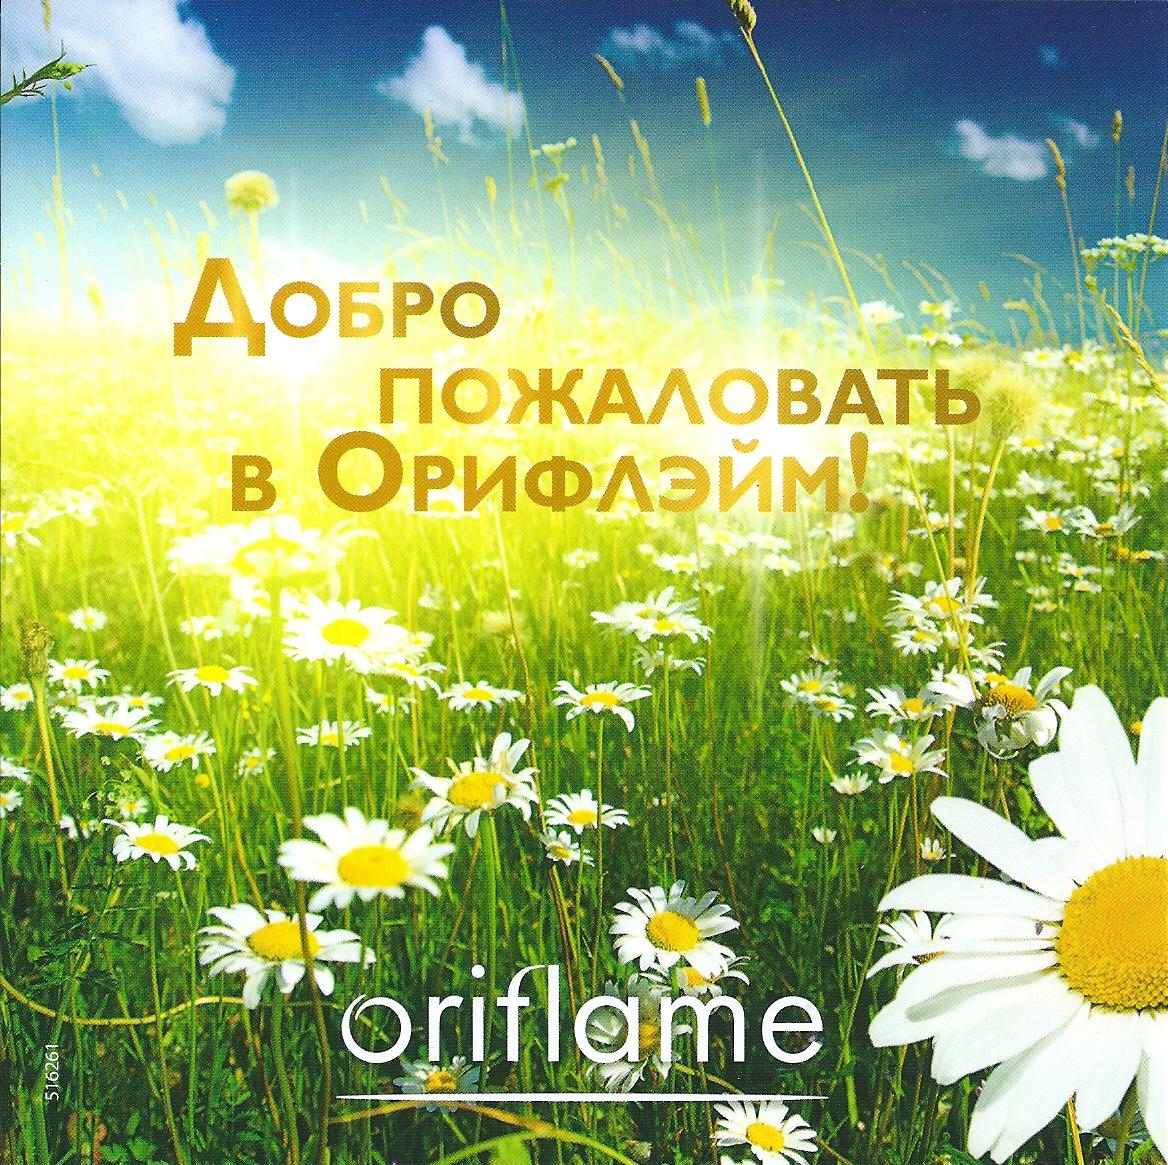 Поздравления с активационным заказом орифлейм